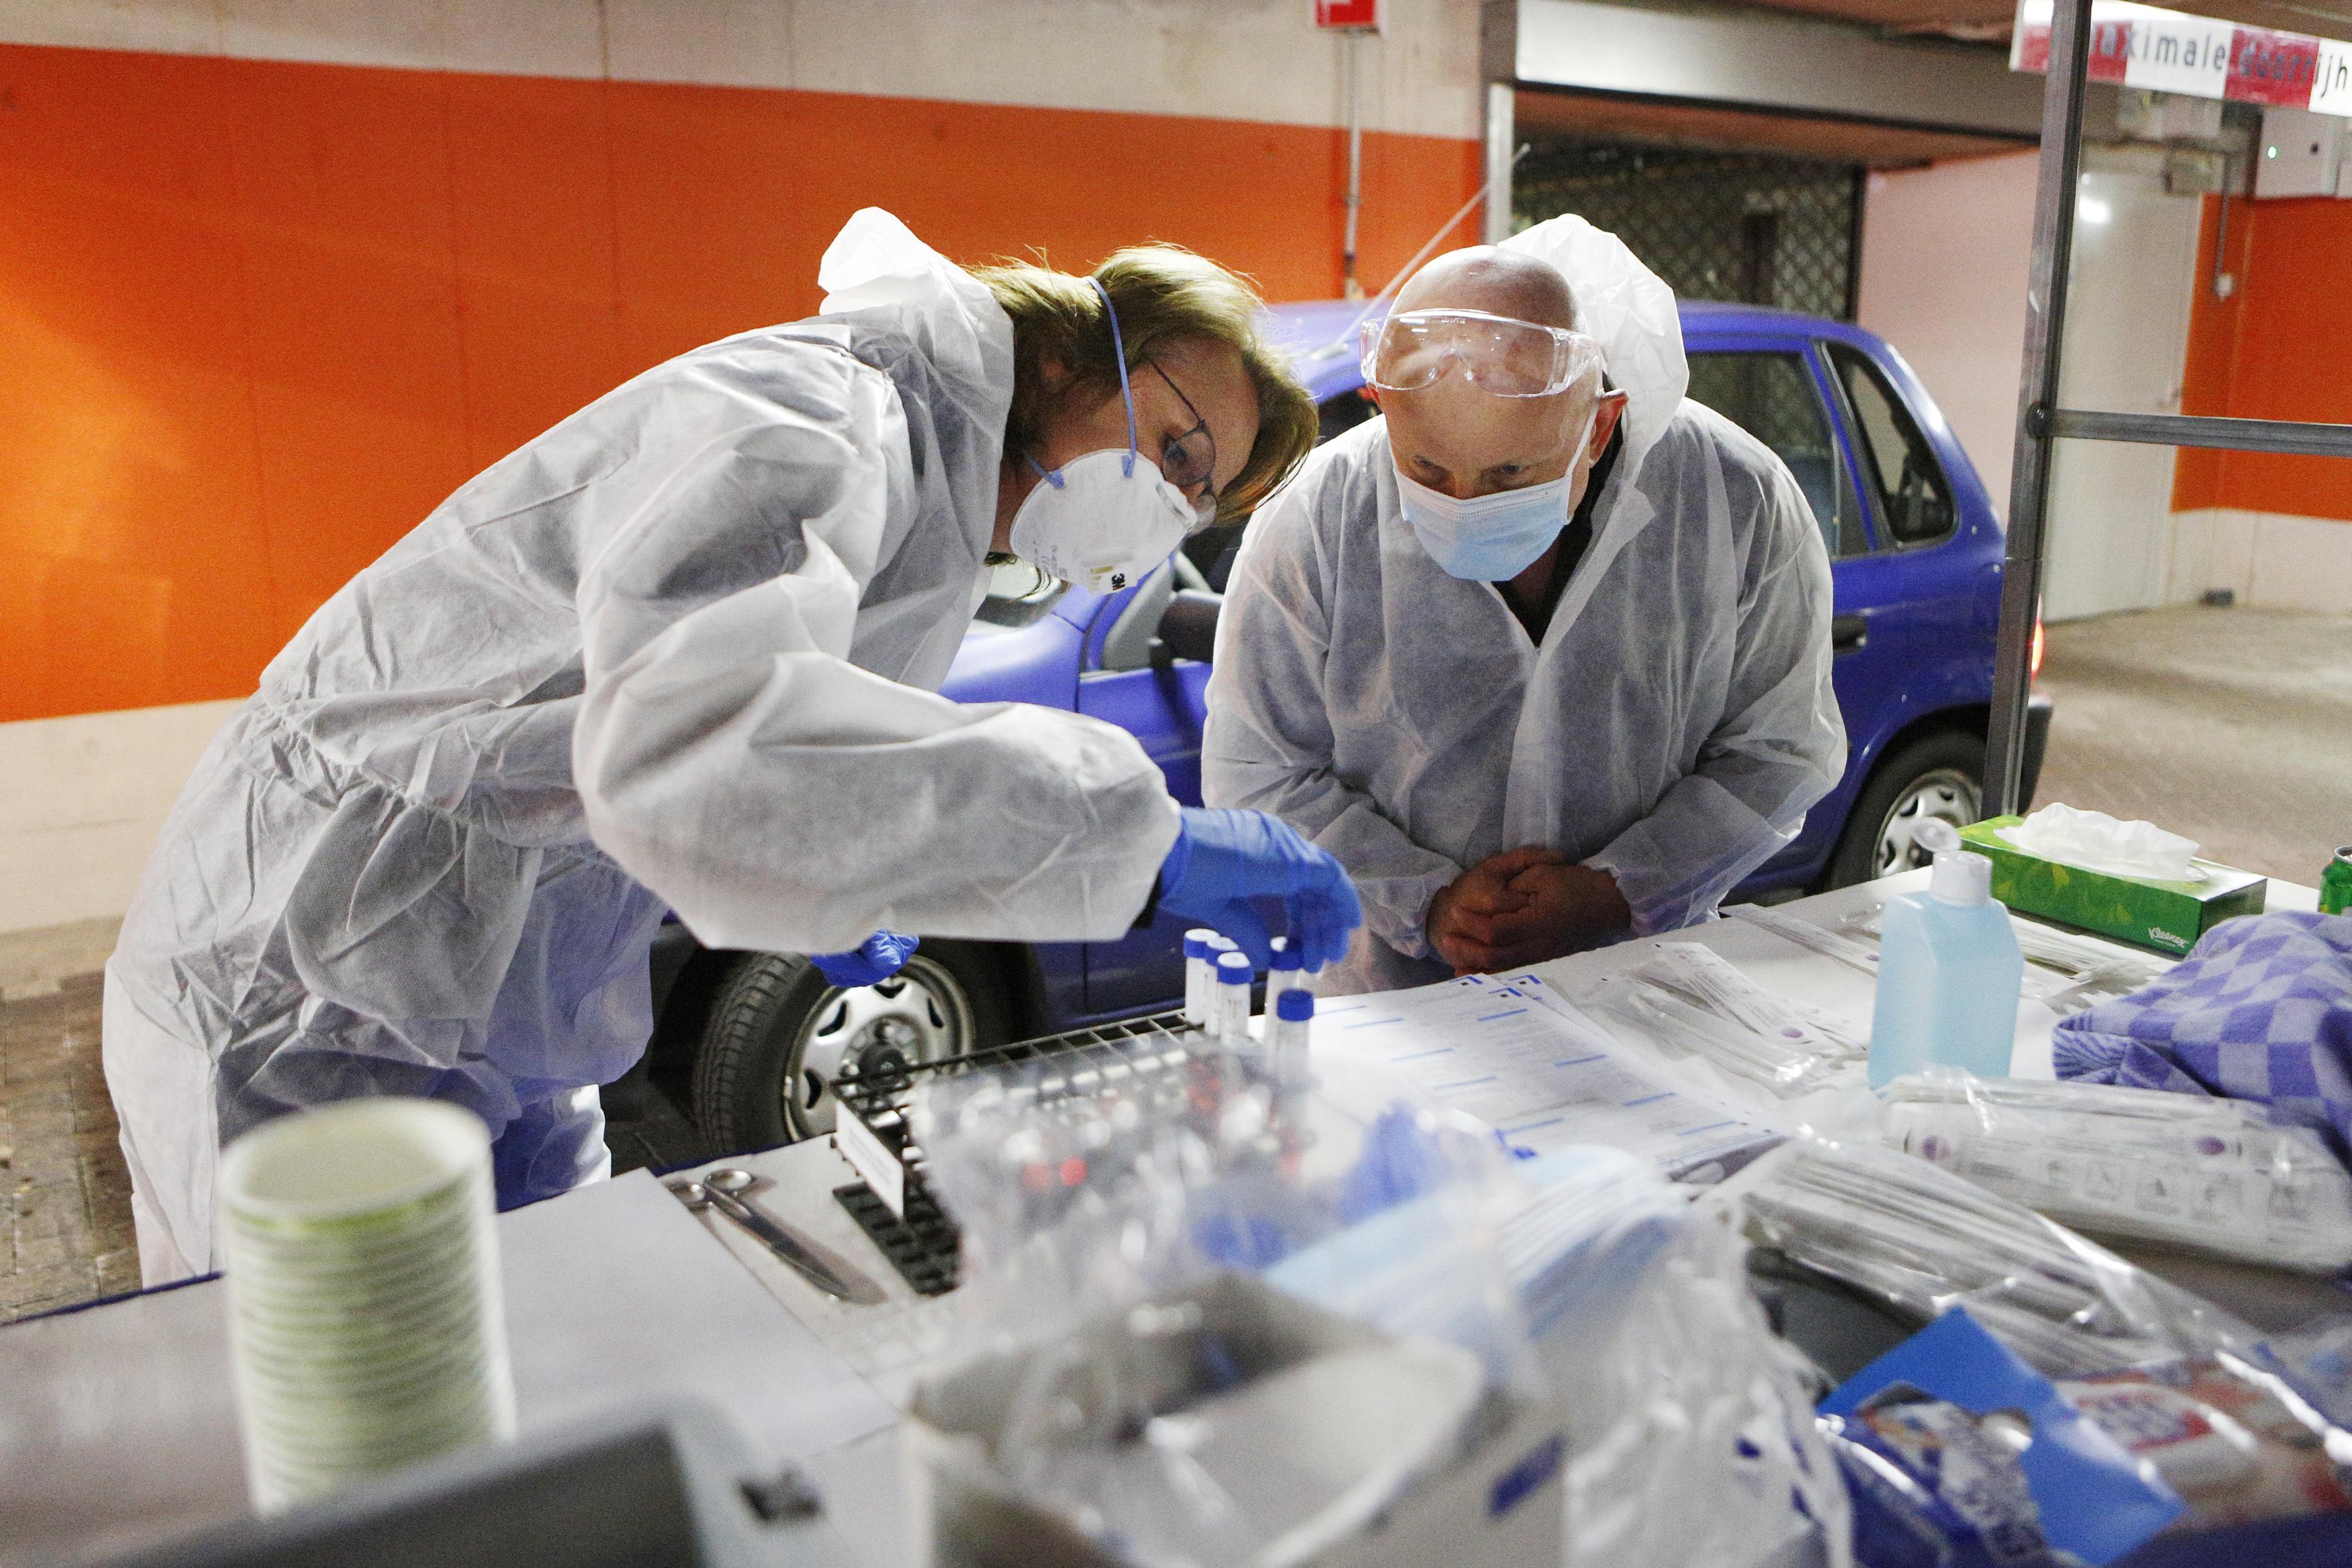 Kuipers: ziekenhuizen moeten vanaf dit weekeinde zorg afschalen